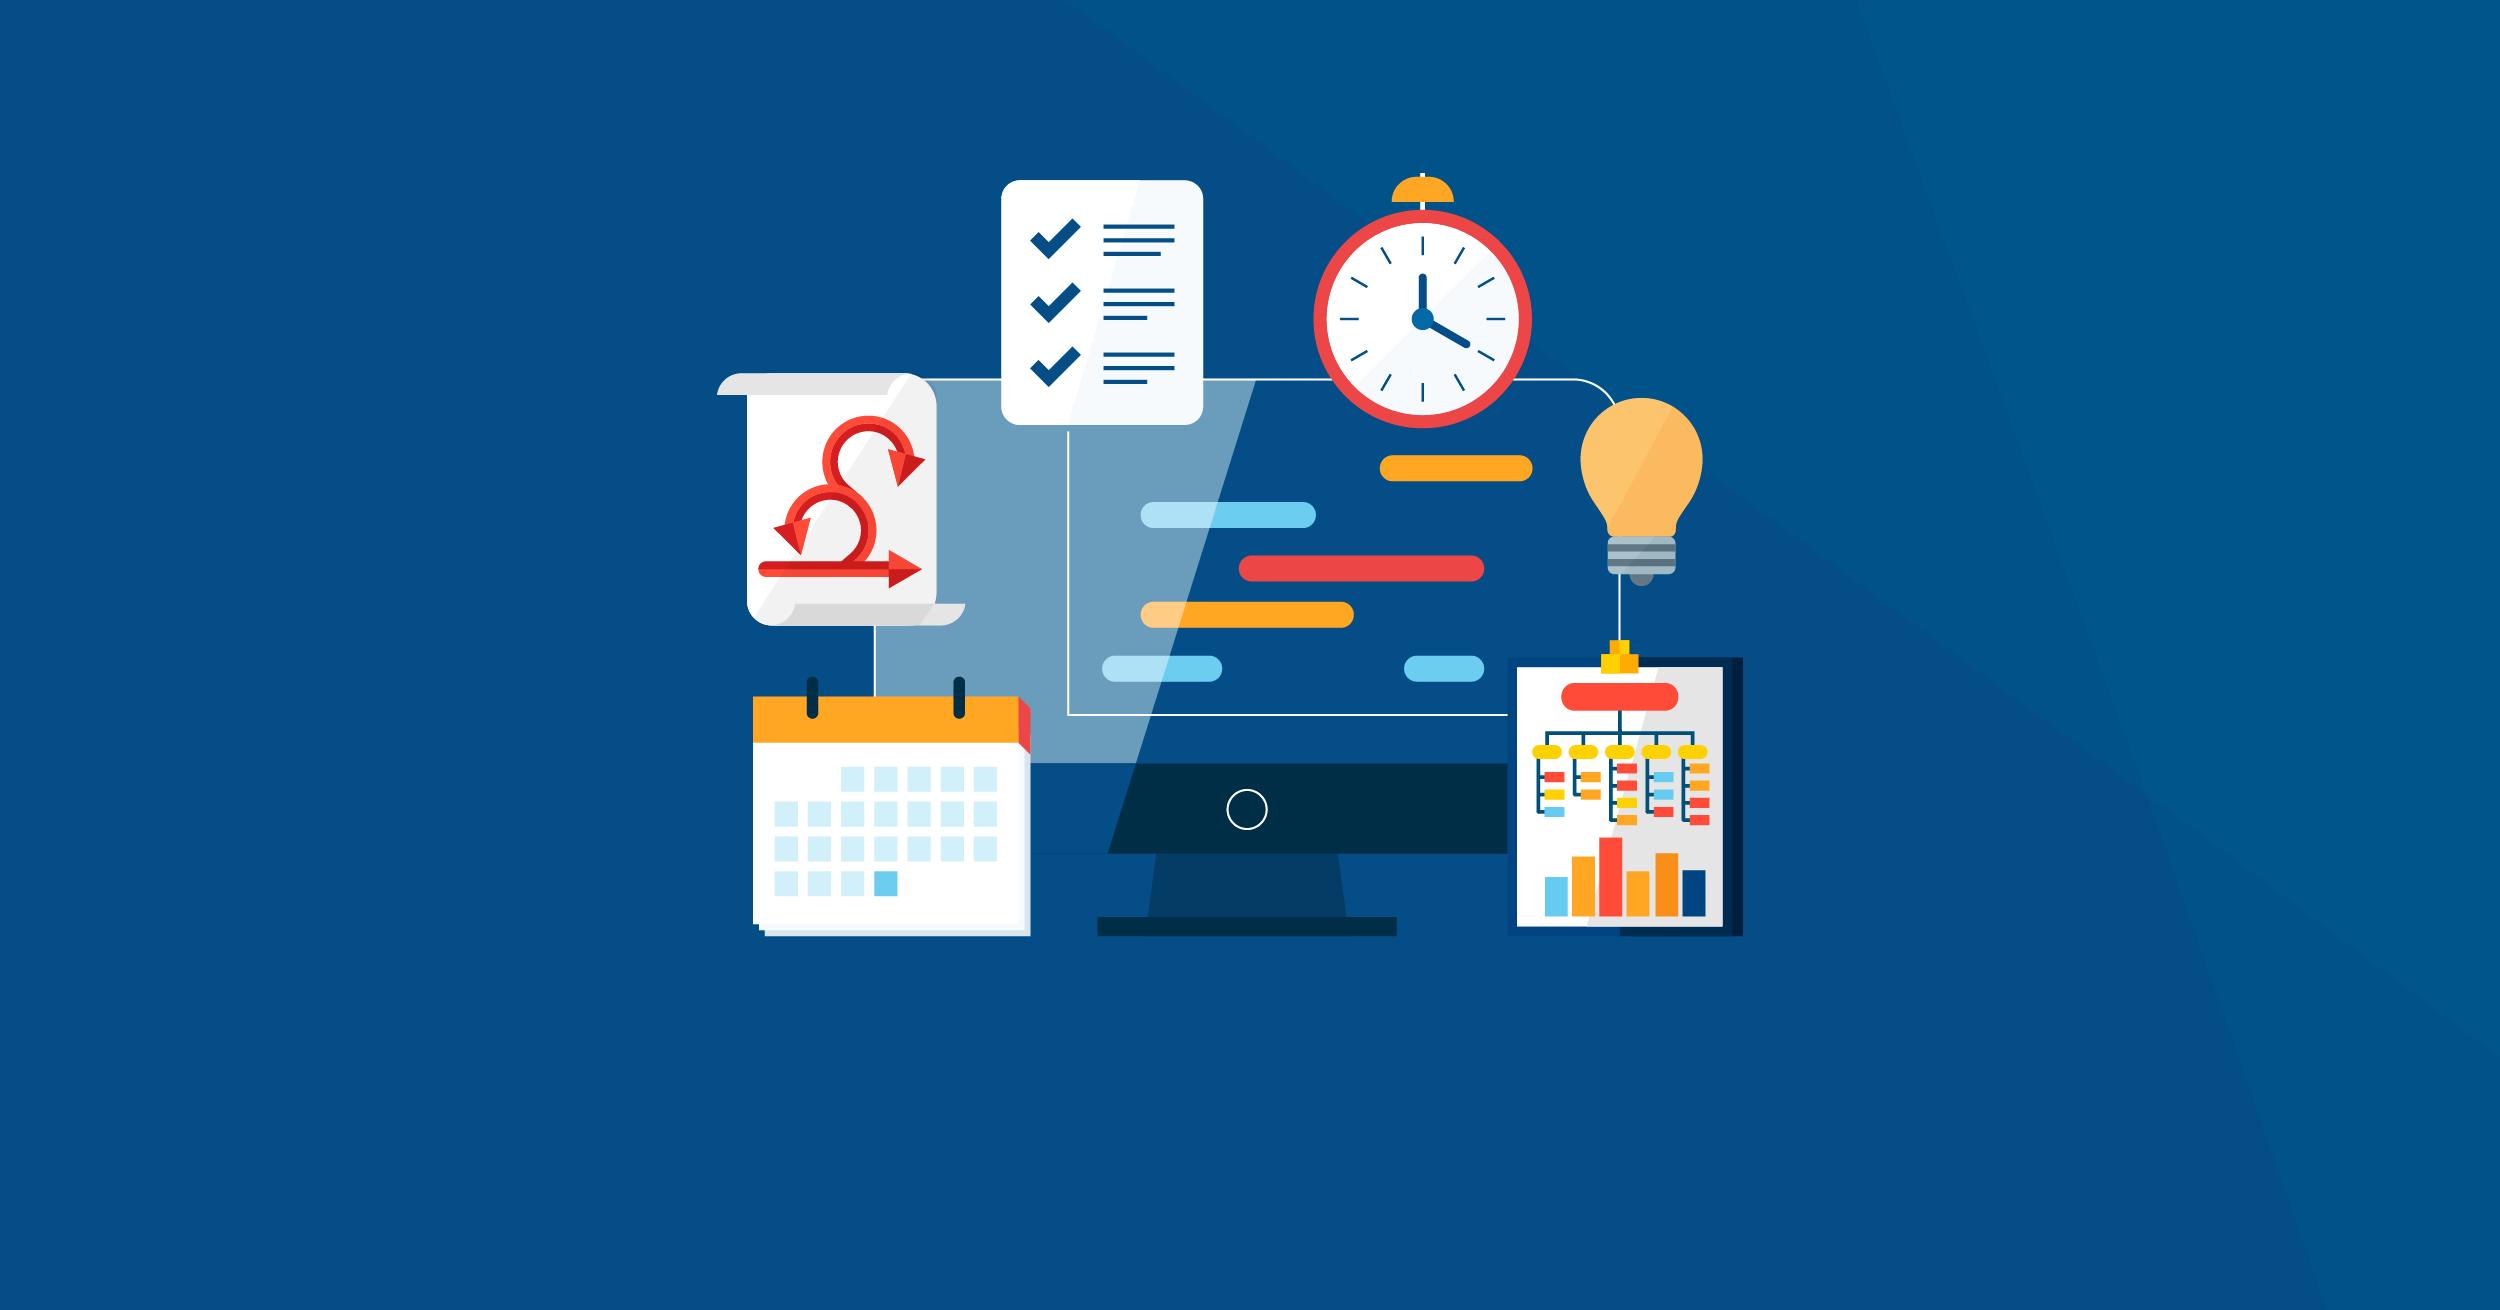 Multiprojektmanagement-Software und Tipps